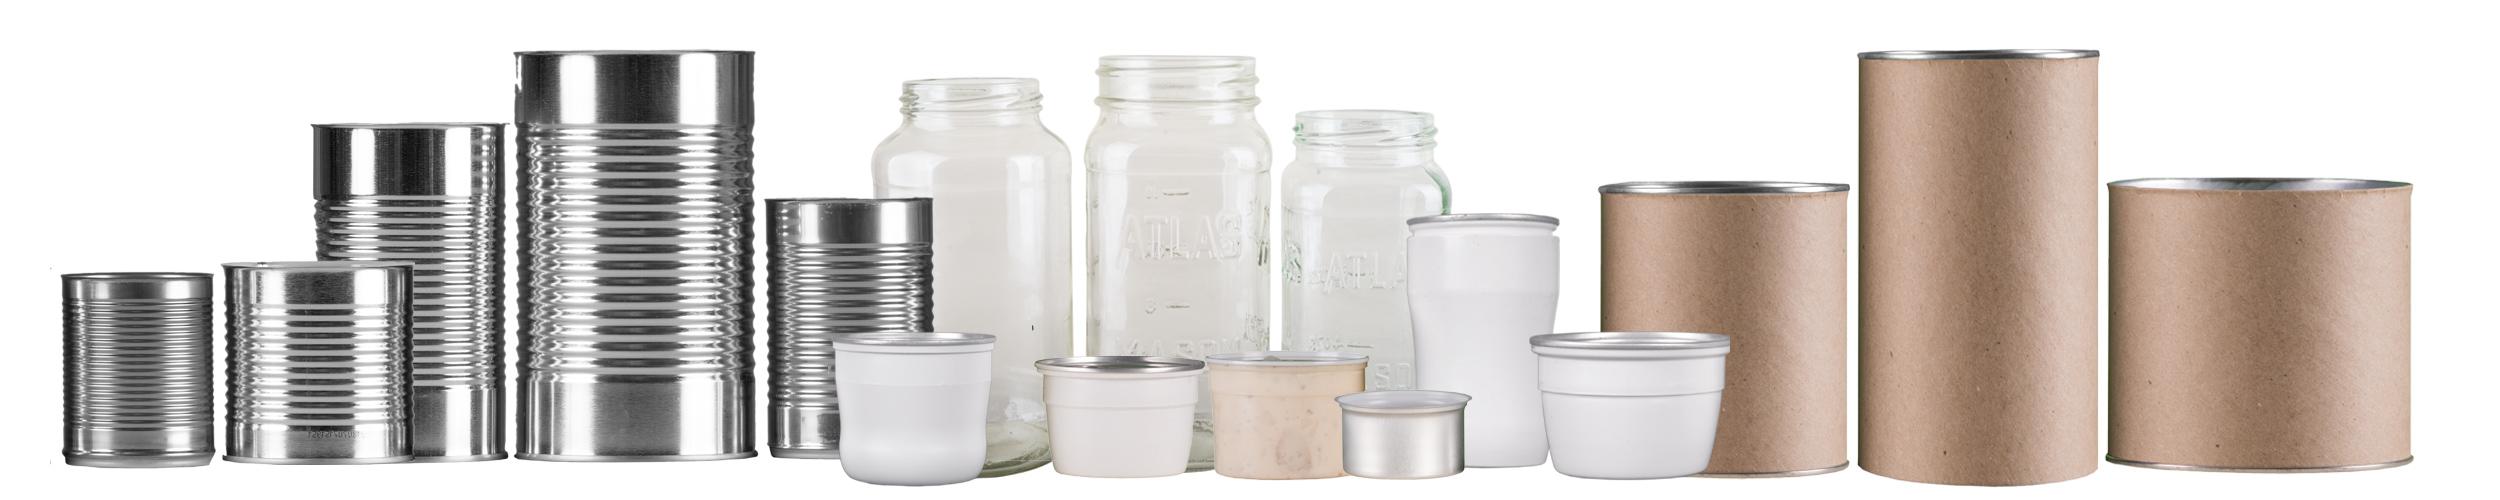 volumetric-containers